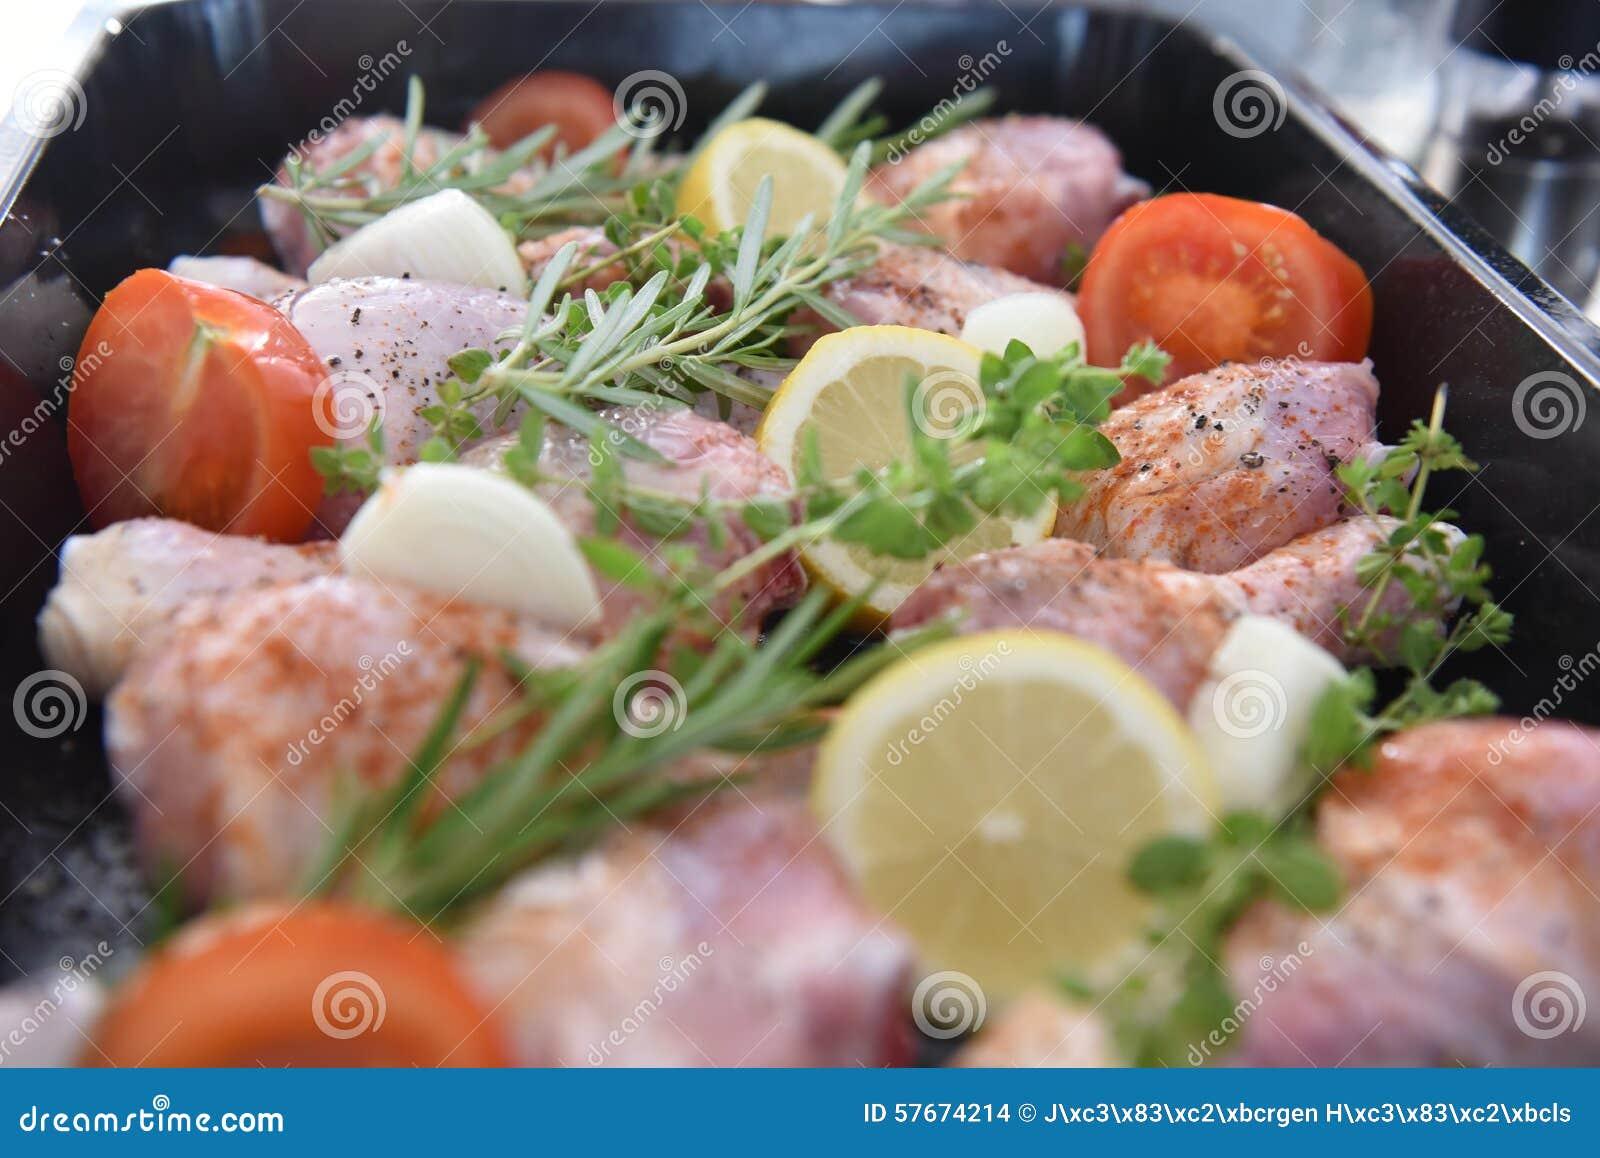 Kurczak w piekarniku dla gościa restauracji